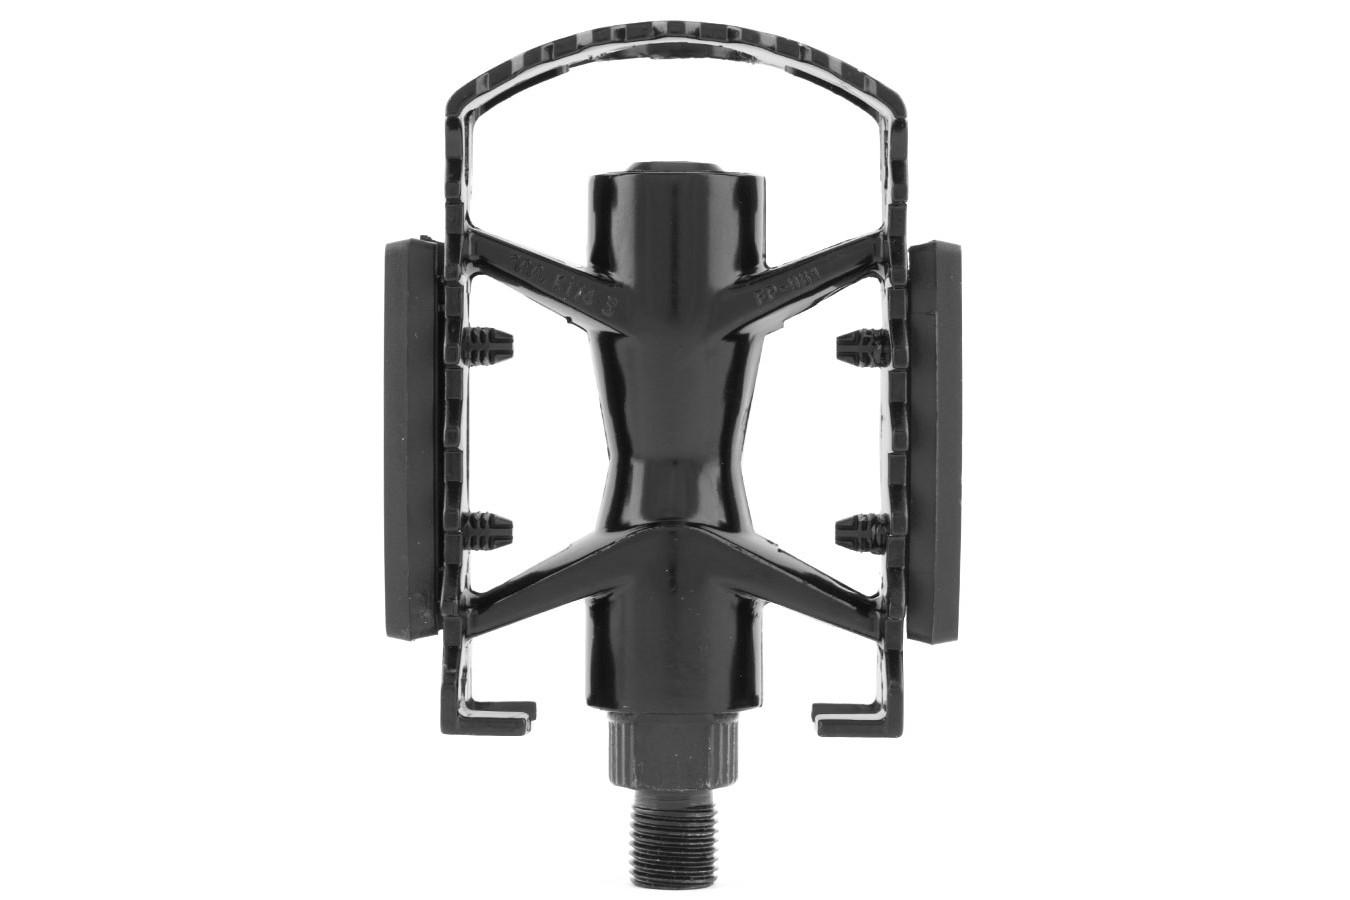 Pedal em Alumínio com Esferas Preto rosca sueca - Feimin